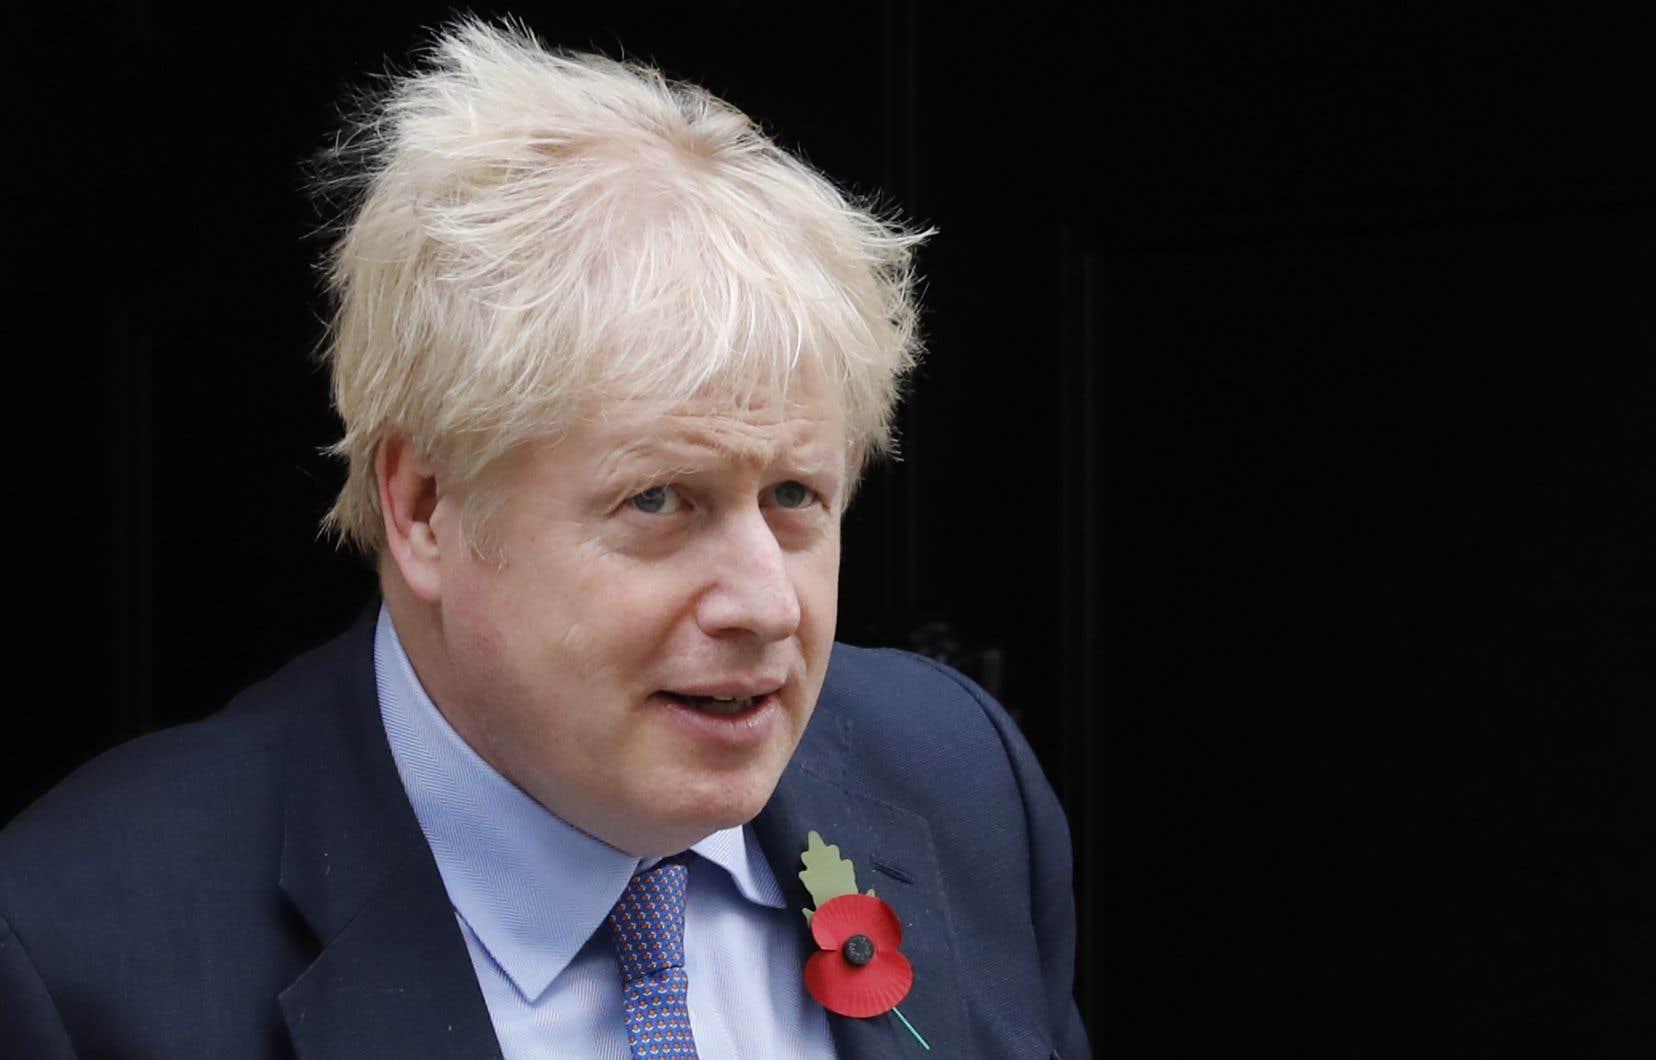 <p>Arrivé au pouvoir en juillet en promettant le Brexit «coûte que coûte» fin octobre, Boris Johnson avait juré qu'il préférerait être «mort au fond d'un fossé» plutôt que demander un troisième report.</p>